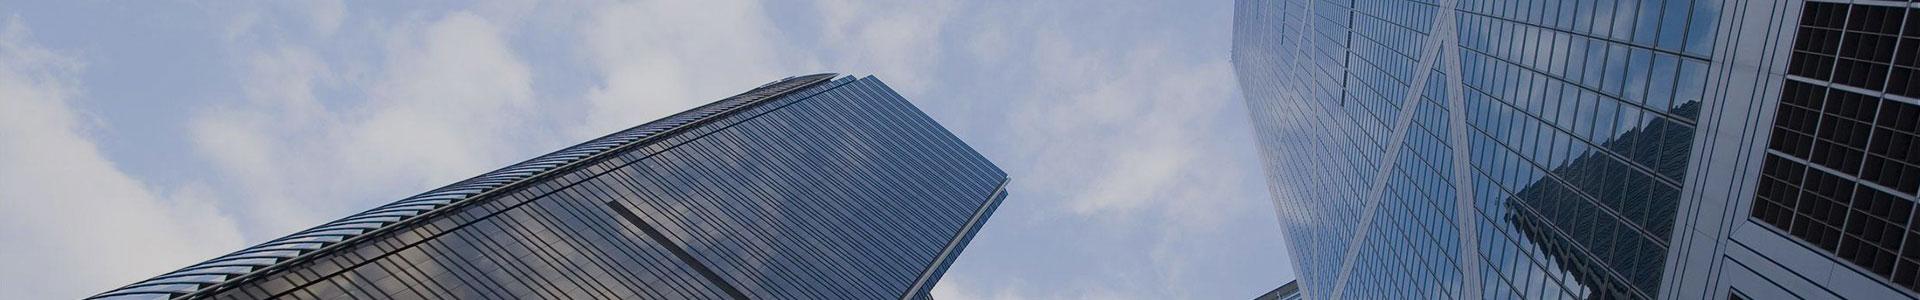 重庆市电力公司